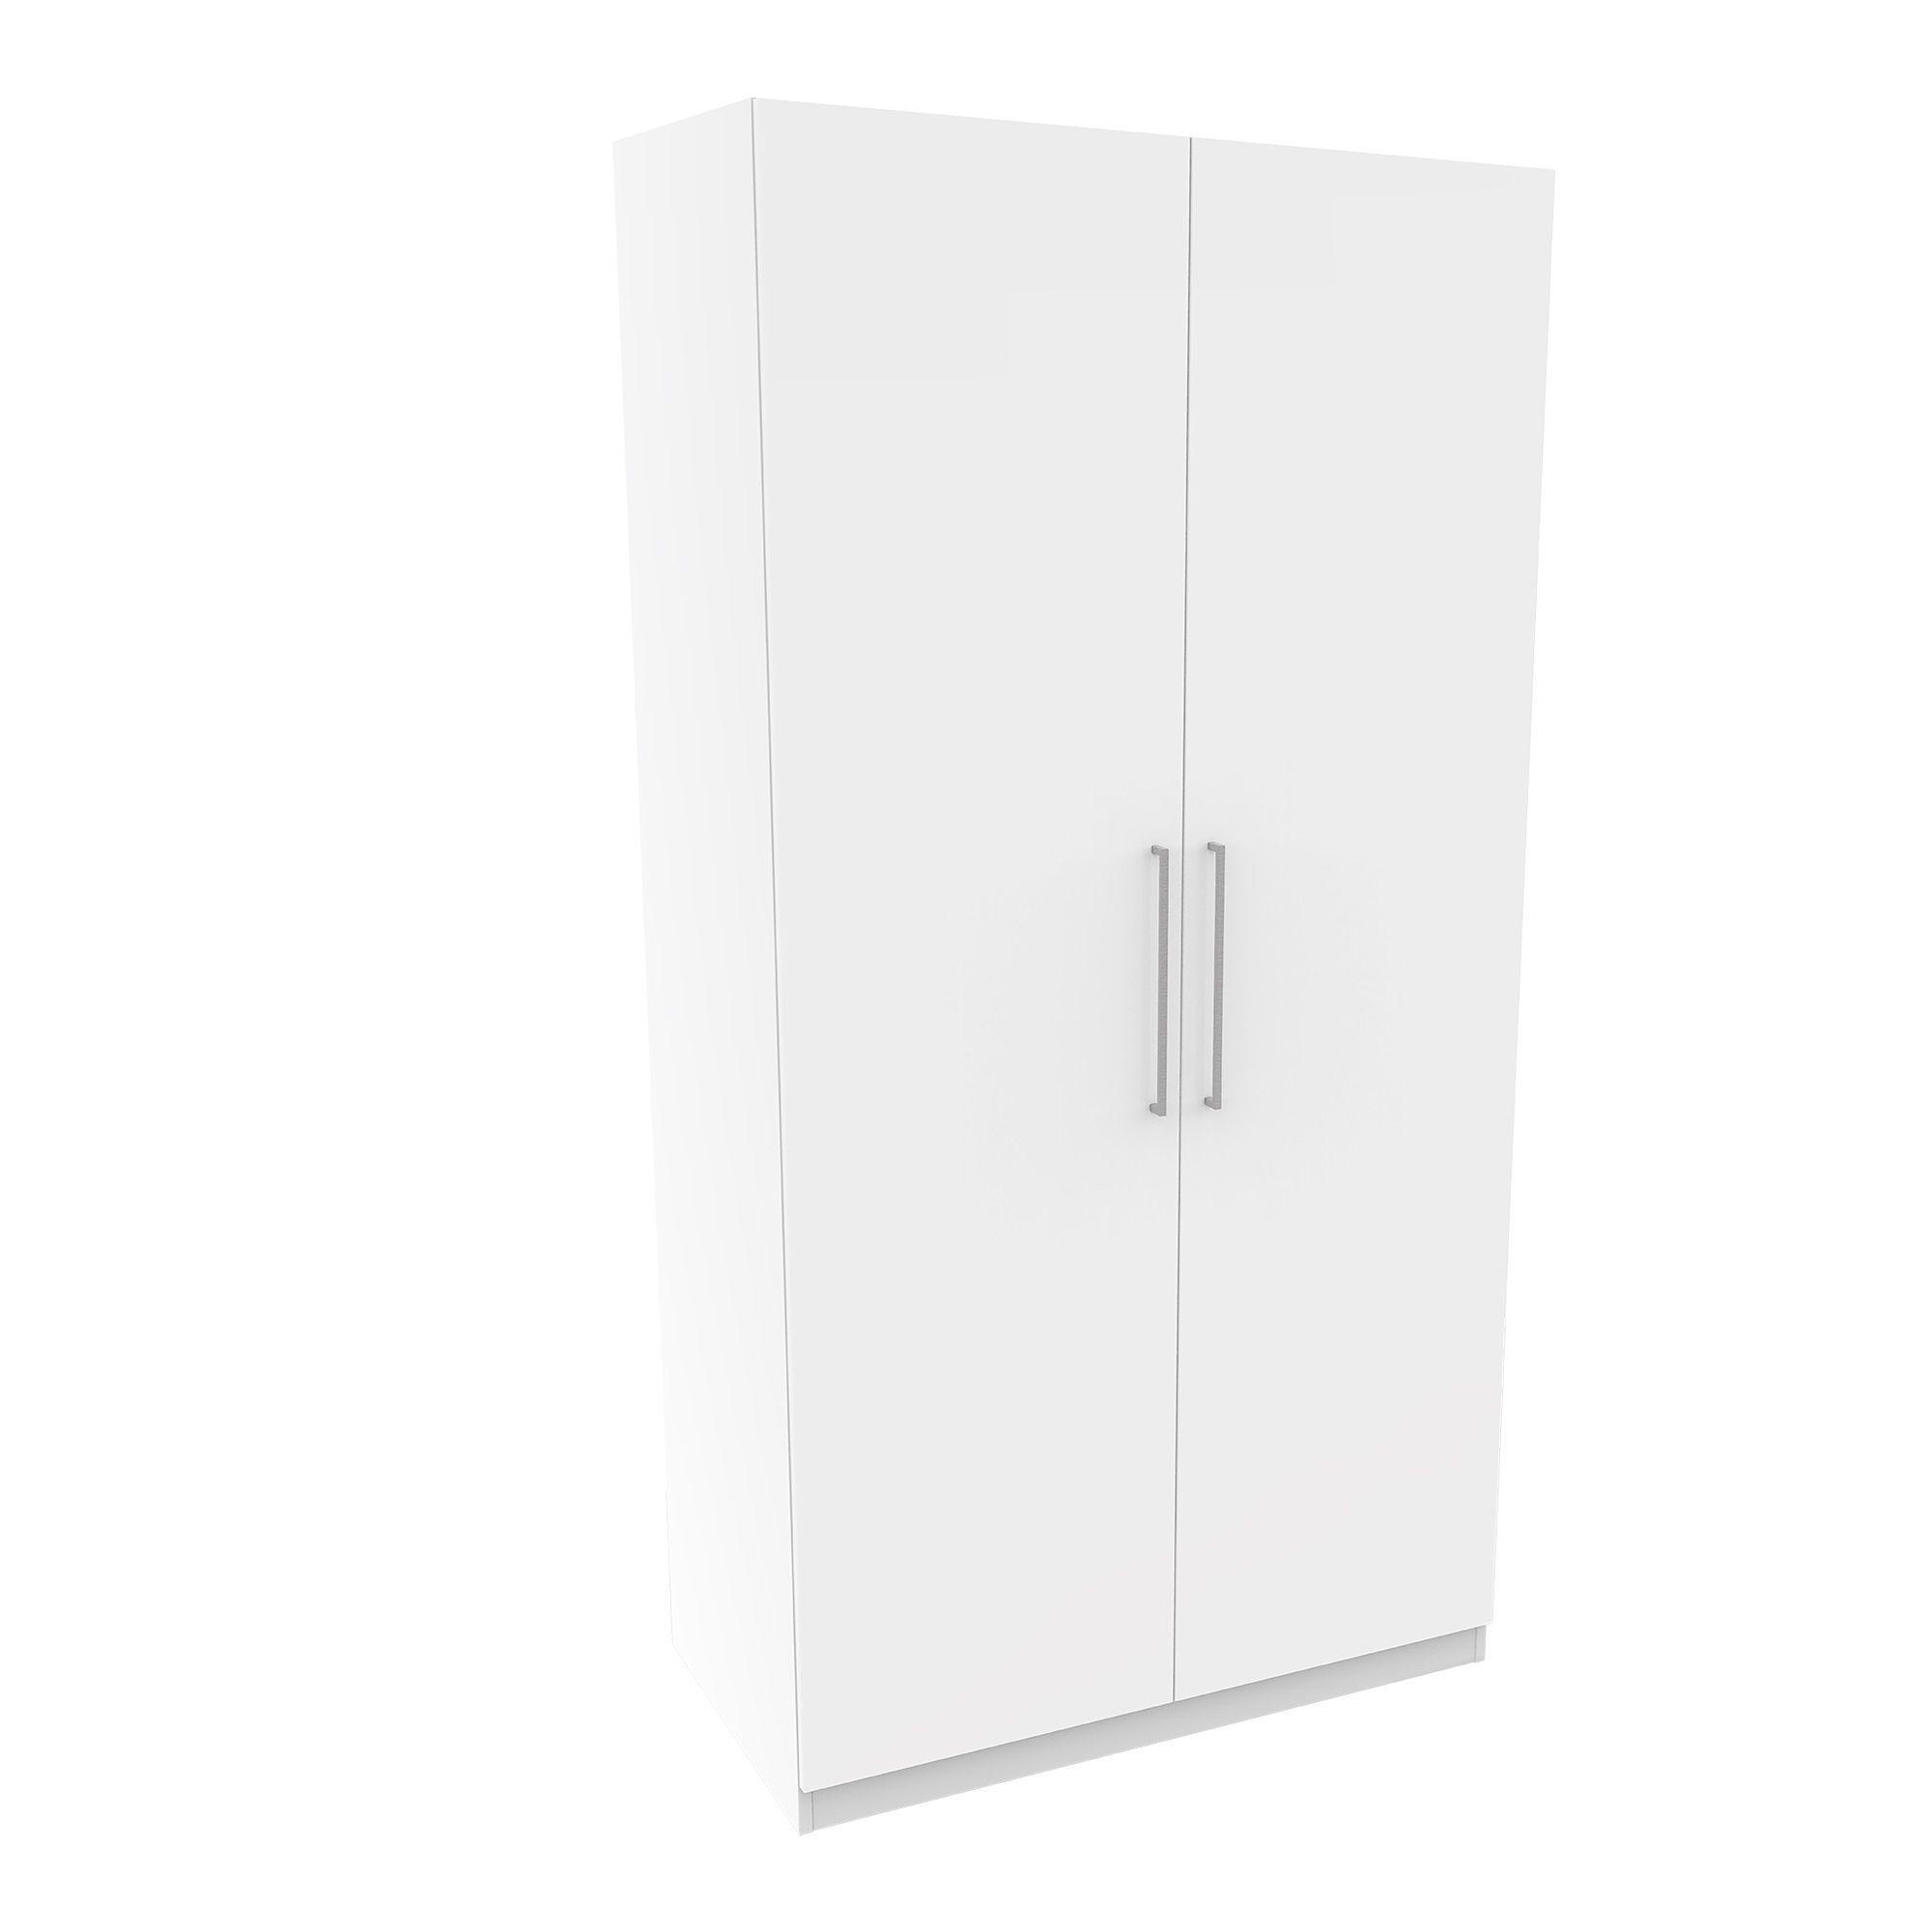 Darwin White Gloss 2 Door Wardrobe (h)2004mm (w)1000mm